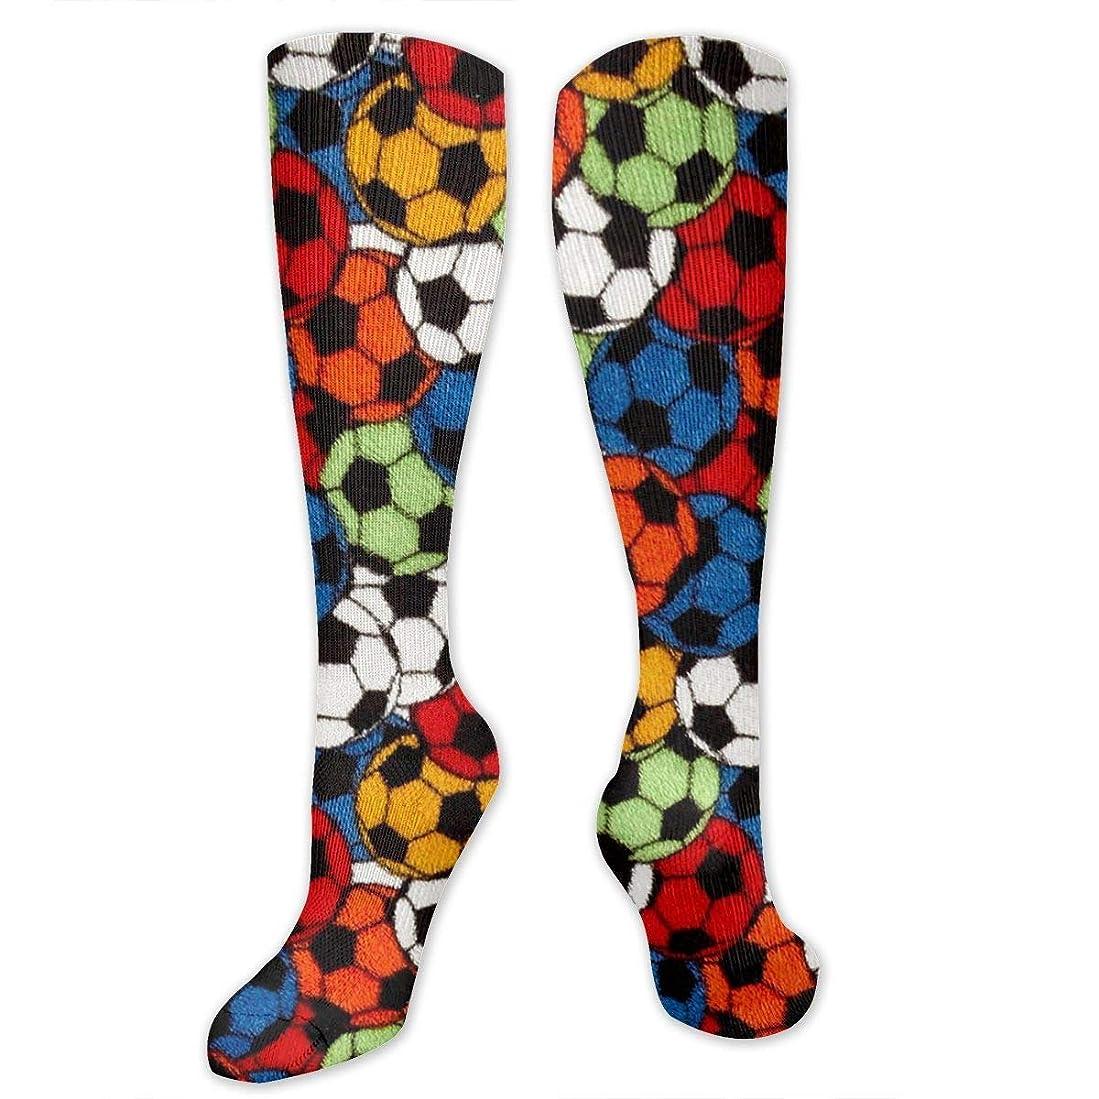 発信おなじみの類似性靴下,ストッキング,野生のジョーカー,実際,秋の本質,冬必須,サマーウェア&RBXAA Whisper Soccer Socks Women's Winter Cotton Long Tube Socks Knee High Graduated Compression Socks